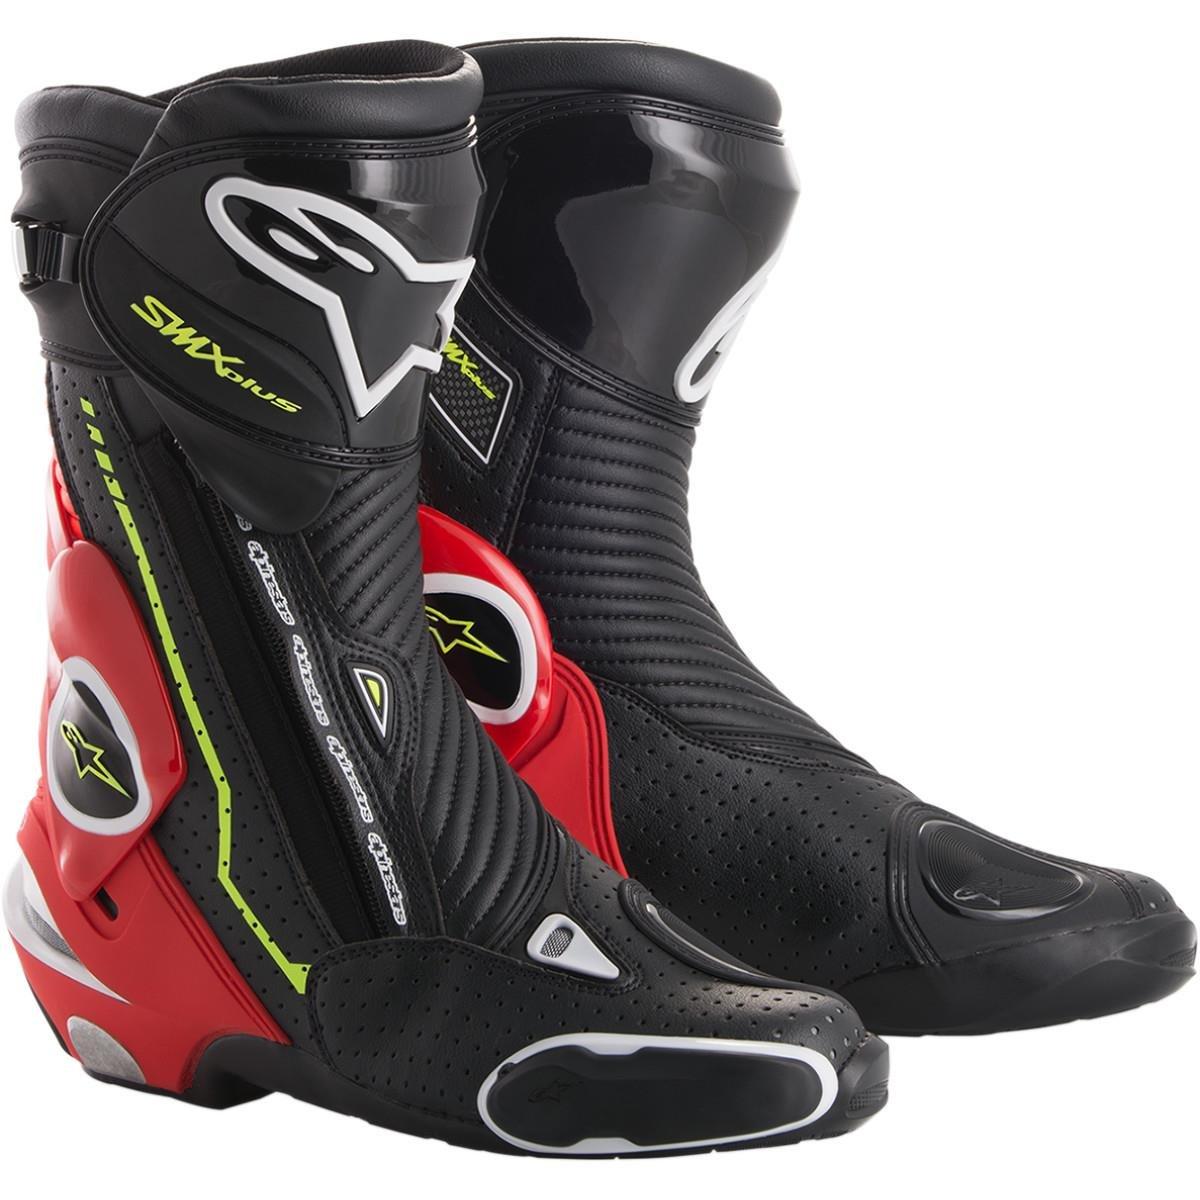 アルパインスターズS - MX PlusメンズStreet Motorcycle Boots – ブラック/ホワイト/レッド/イエロー 36 3404-1348 B075FH5GF2 36  36